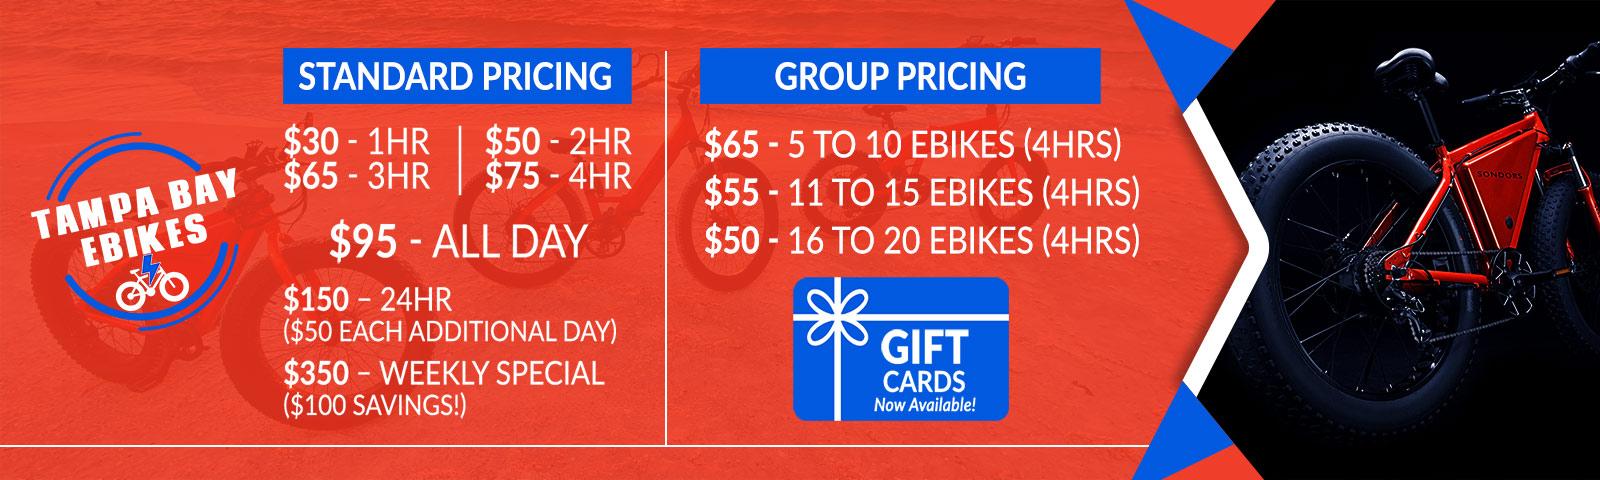 Tampa Bay E Bikes Pricing